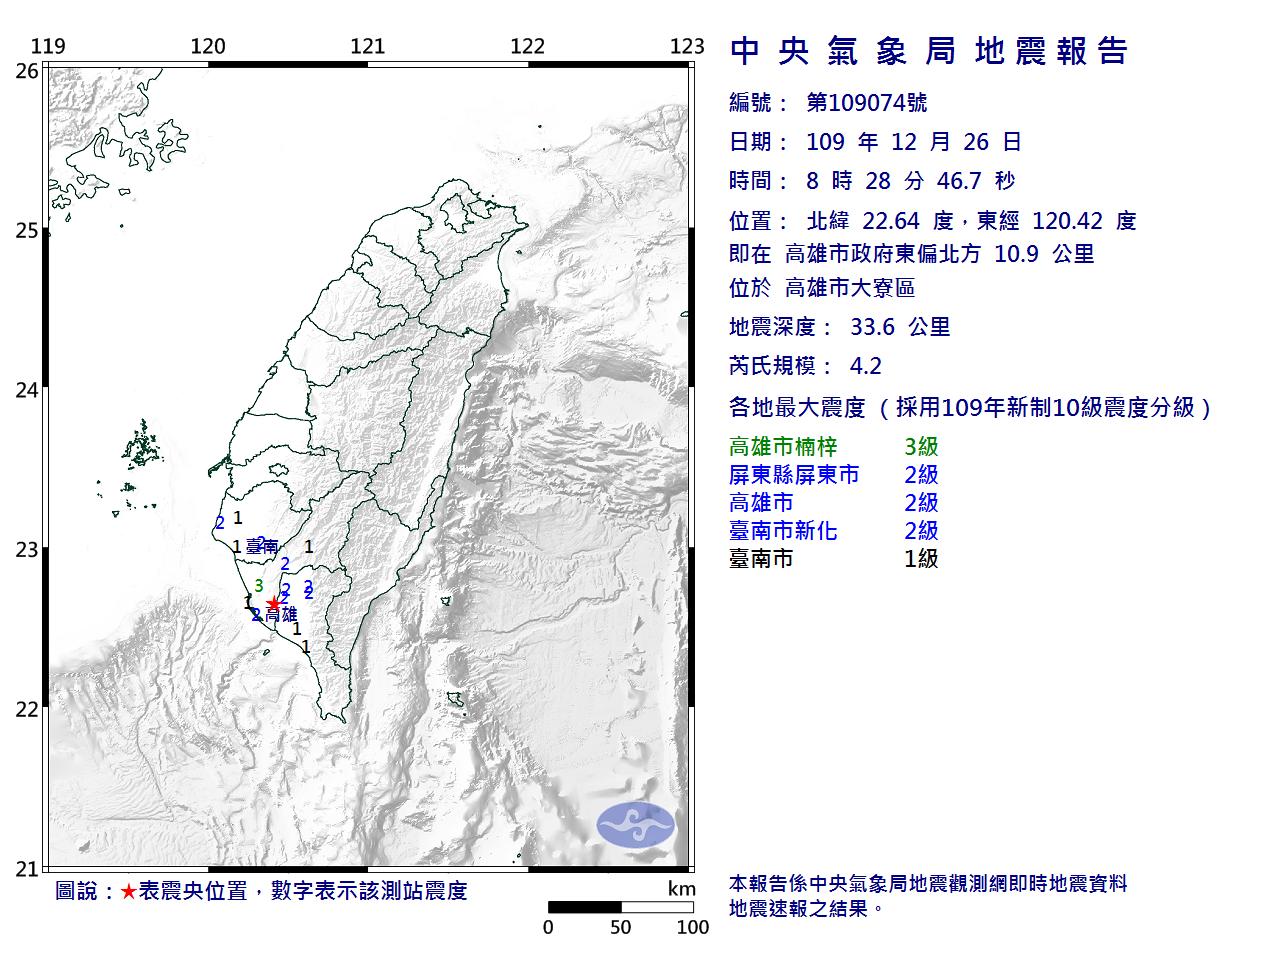 高雄大寮地震規模4.2  最大震度3級